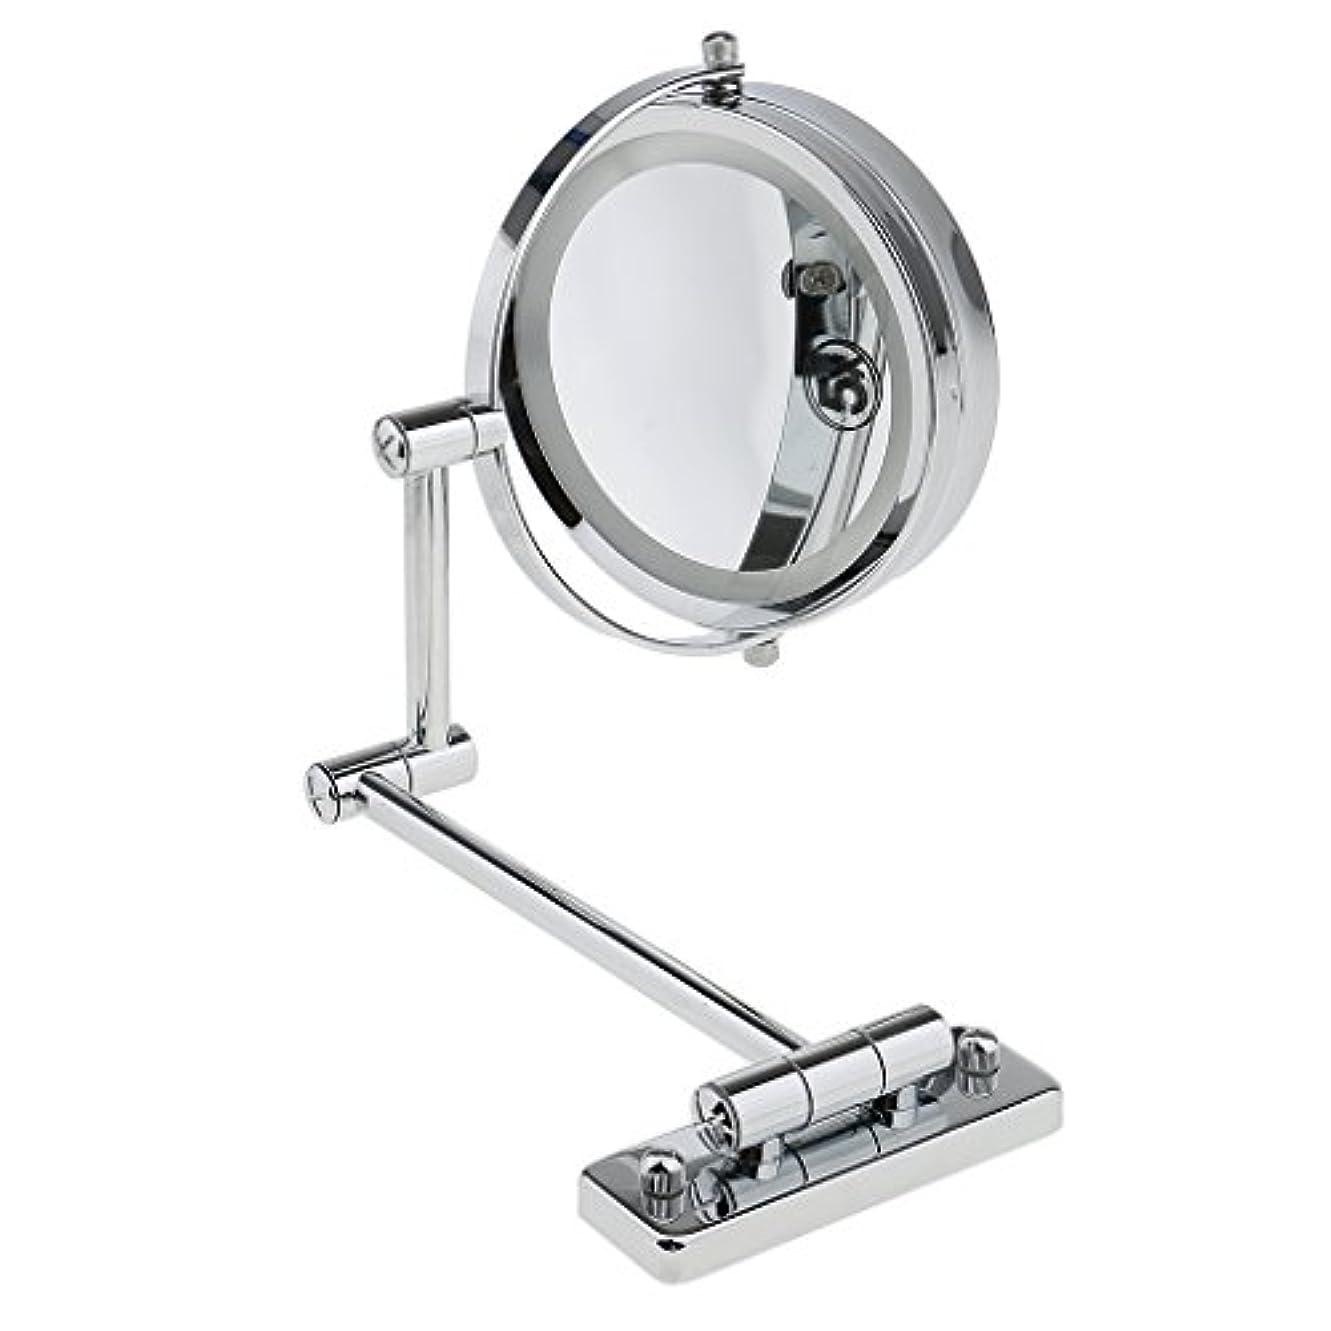 長さ脱臼する極貧SMDライト 両面ミラー 壁掛け式 5倍拡大鏡 360度回転 エチケットチェック